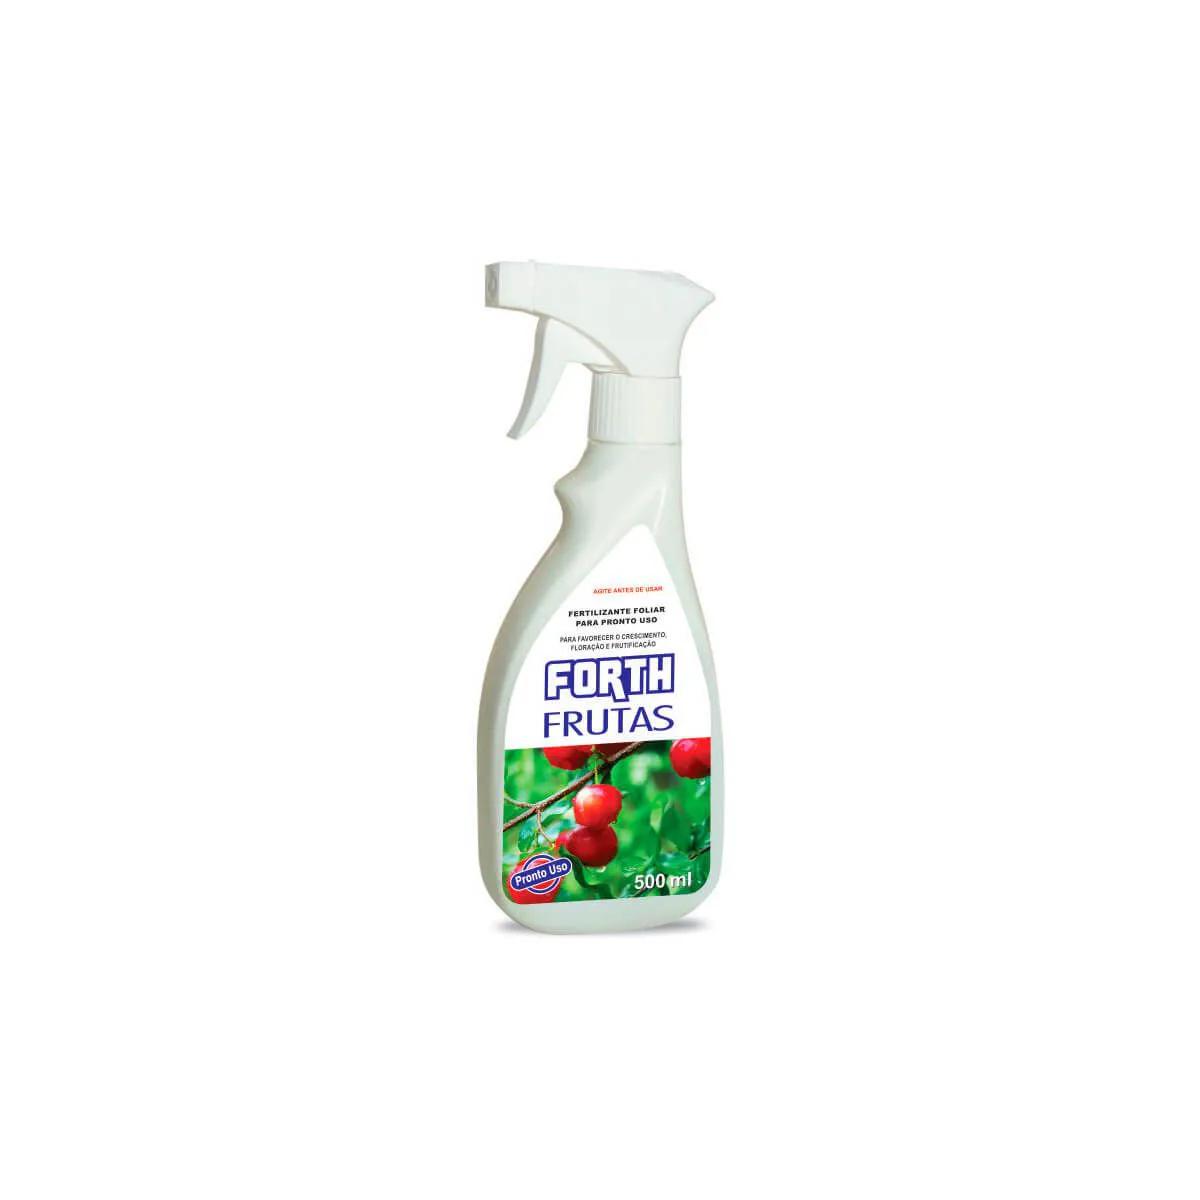 Fertilizante Forth Frutas pronto para uso 500ml  - Vasos Raiz Loja Oficial